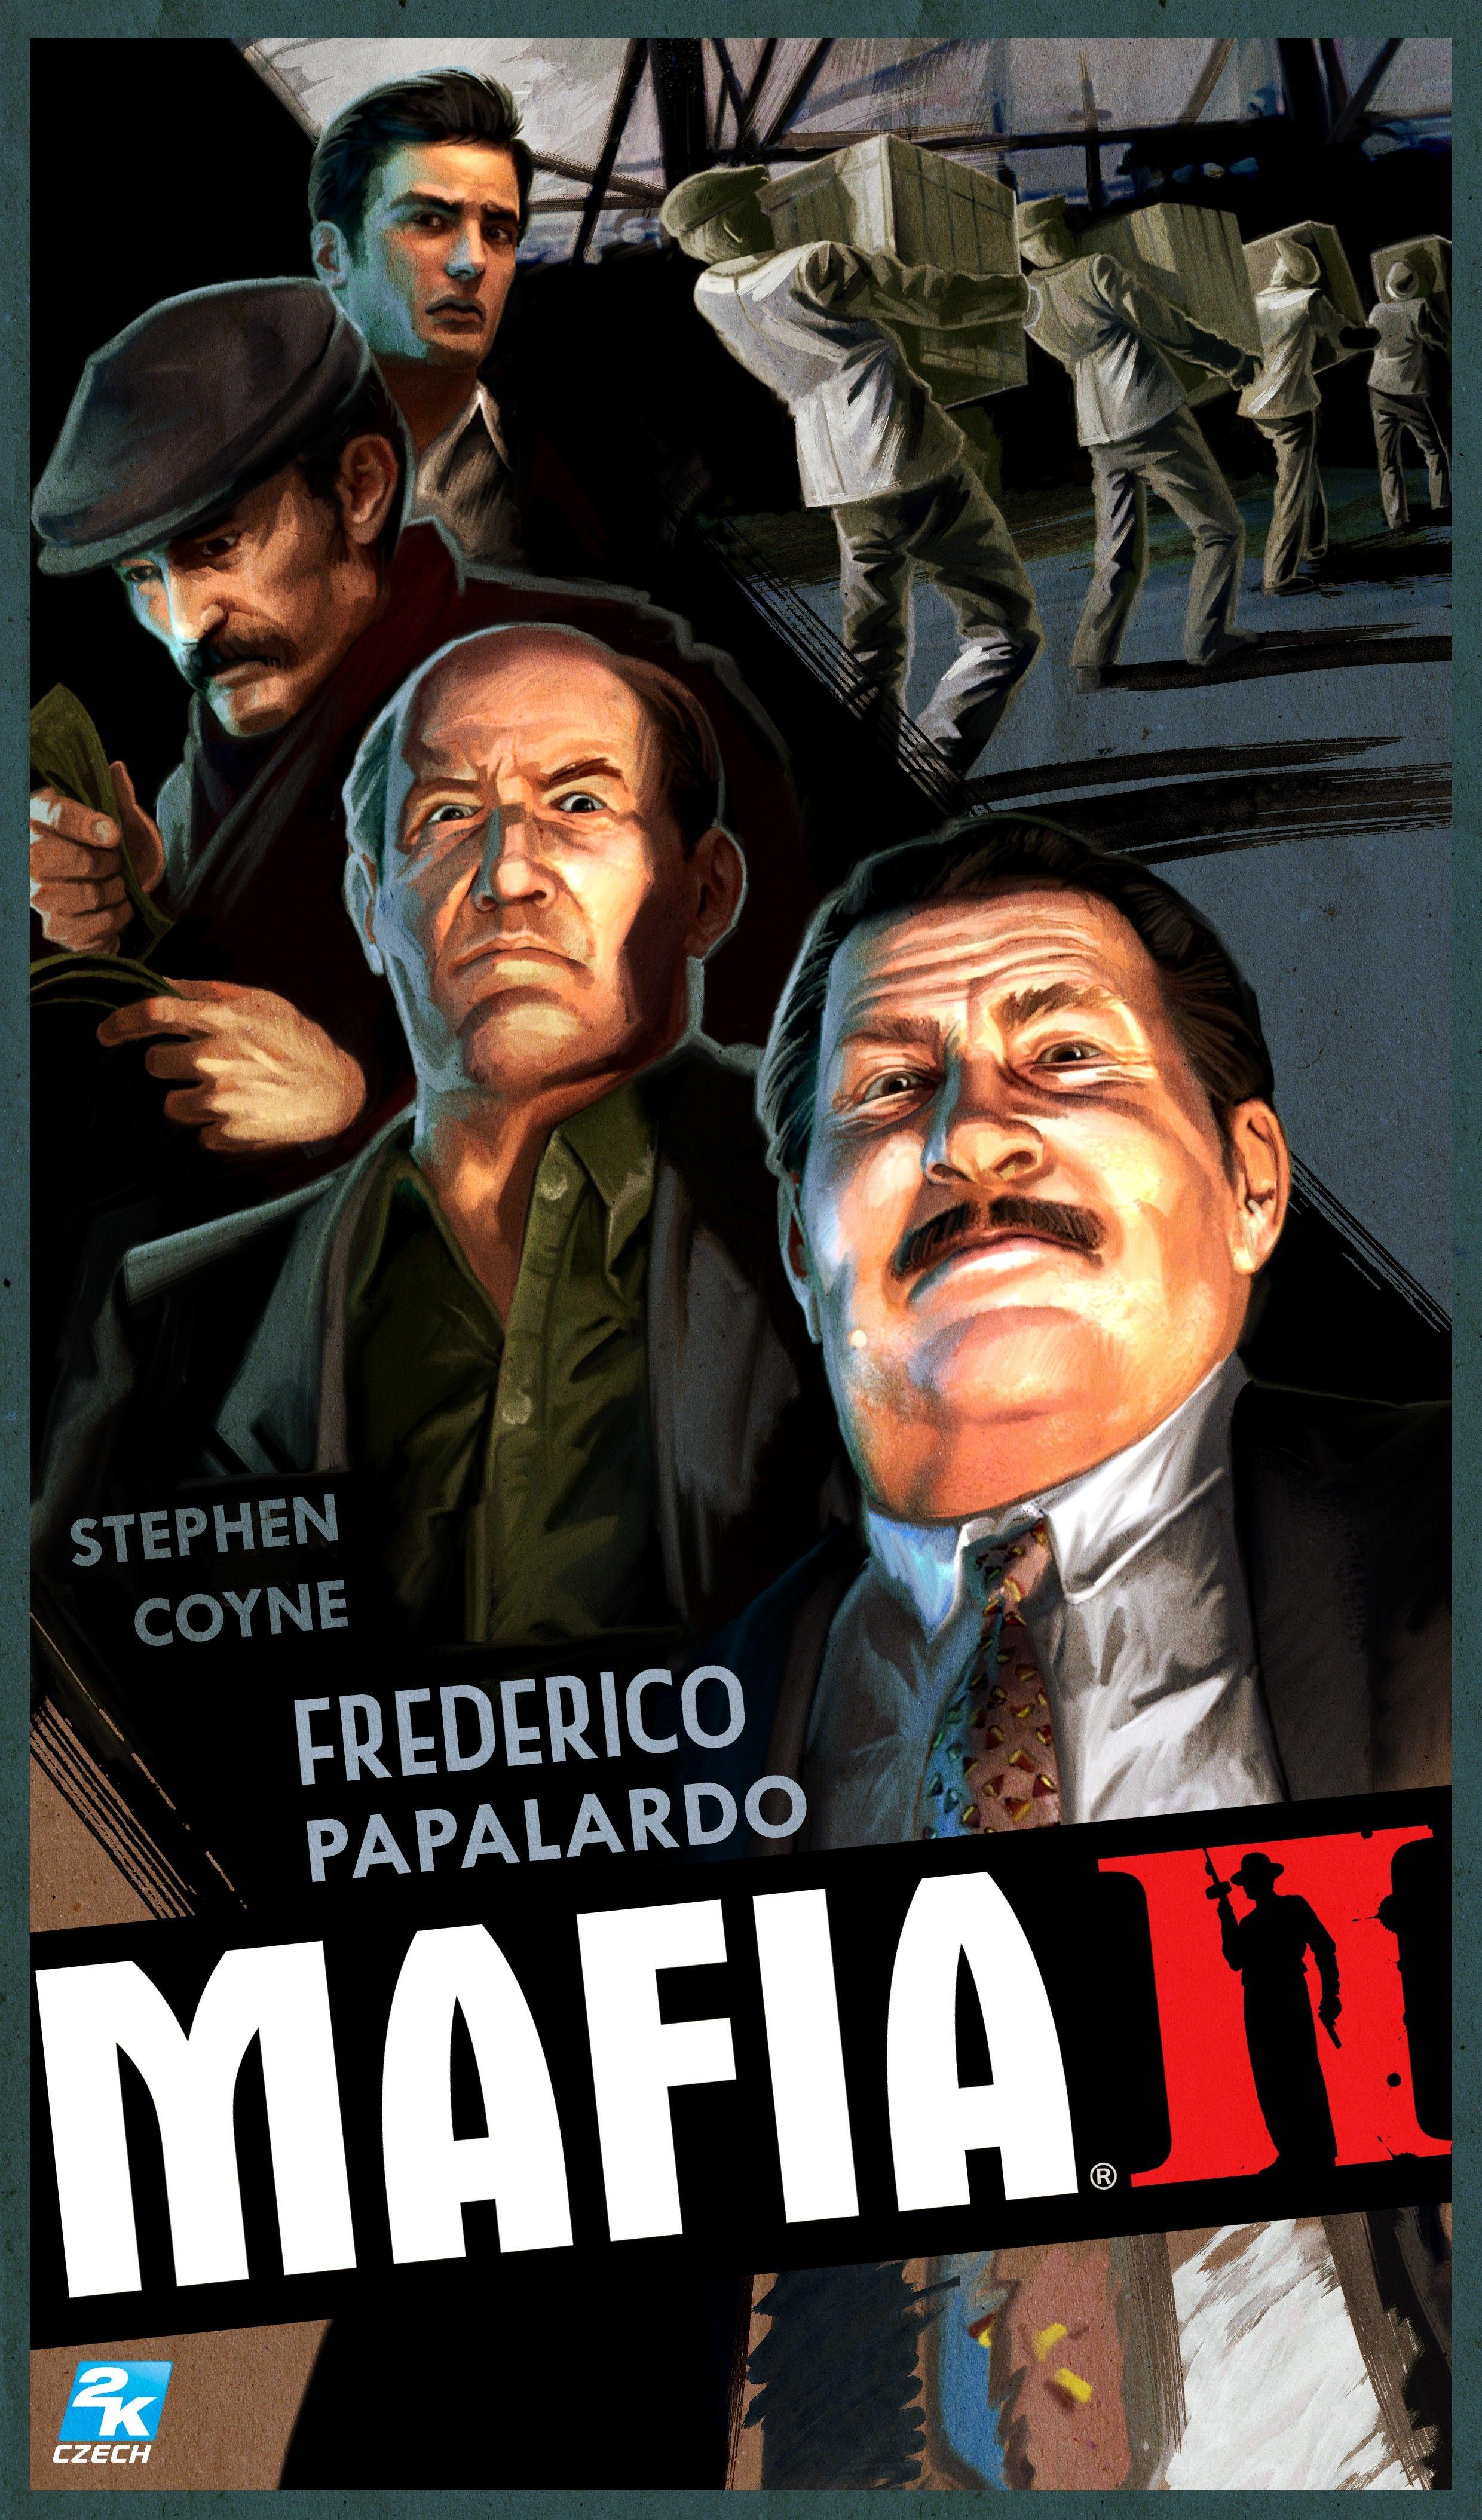 Poster from Mafia II   Mafia Posters   Mafia game, Mafia 2, Mafia